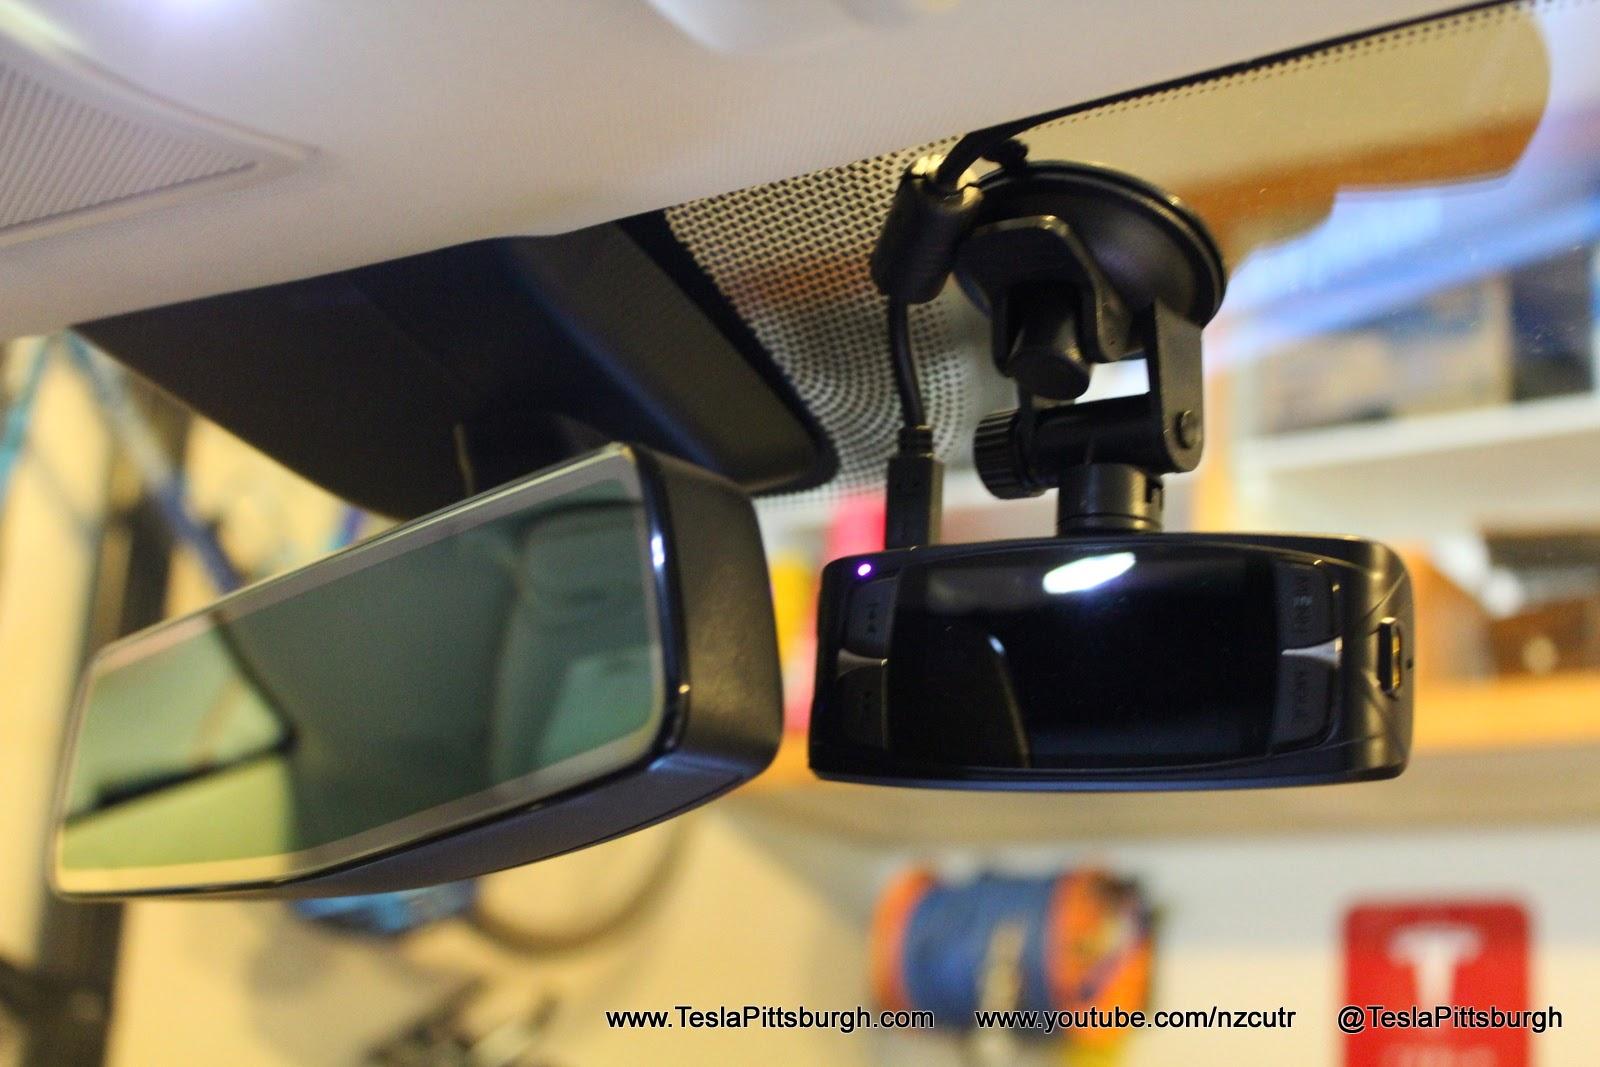 Tesla-Dashcam-Install-3